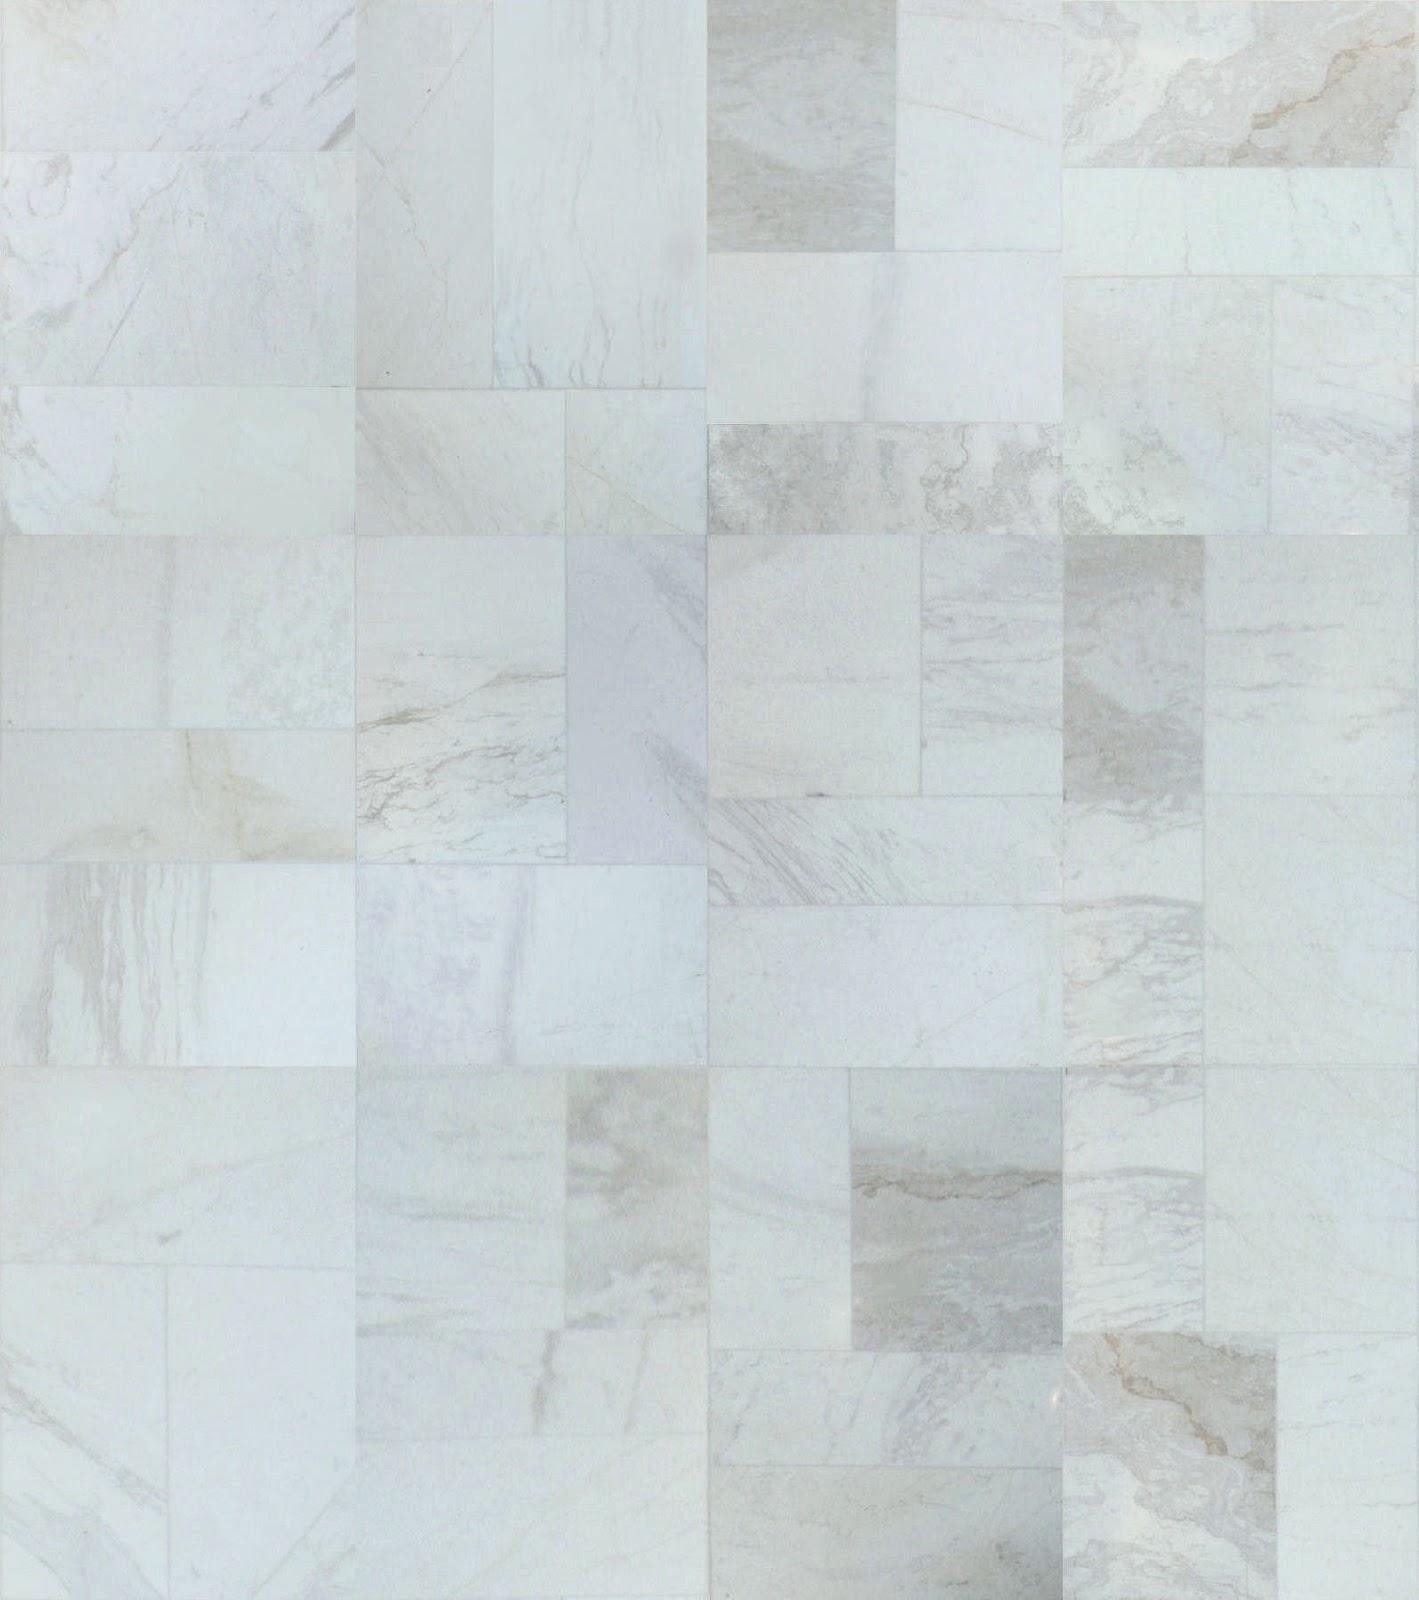 White Marble Texture : Swtexture free architectural textures gray white